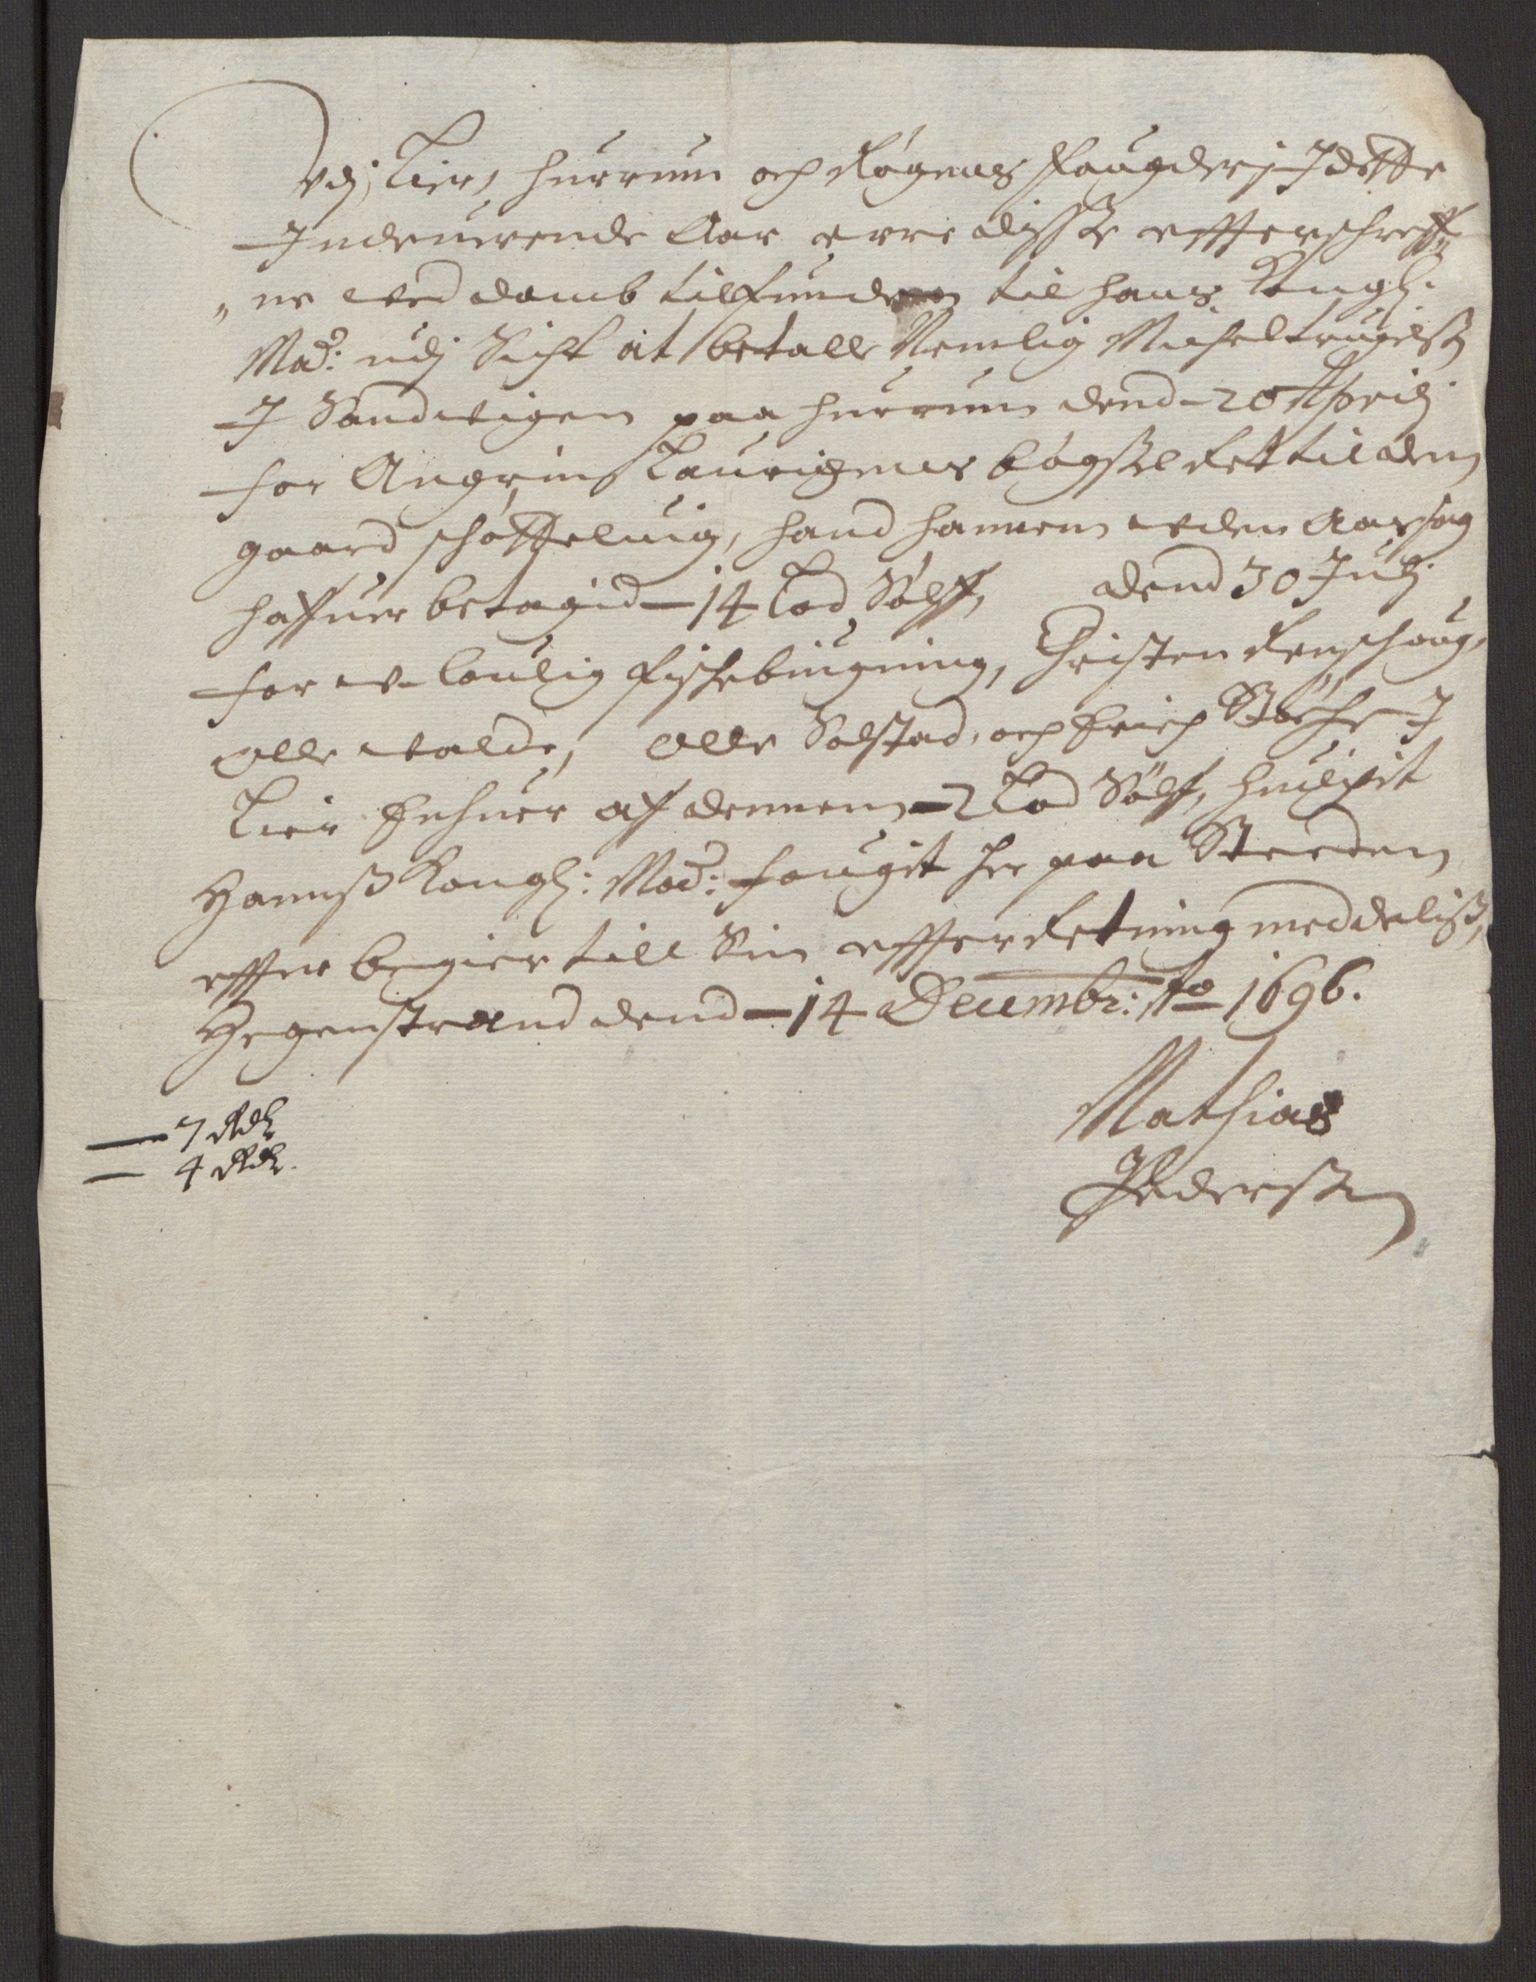 RA, Rentekammeret inntil 1814, Reviderte regnskaper, Fogderegnskap, R30/L1694: Fogderegnskap Hurum, Røyken, Eiker og Lier, 1694-1696, s. 321